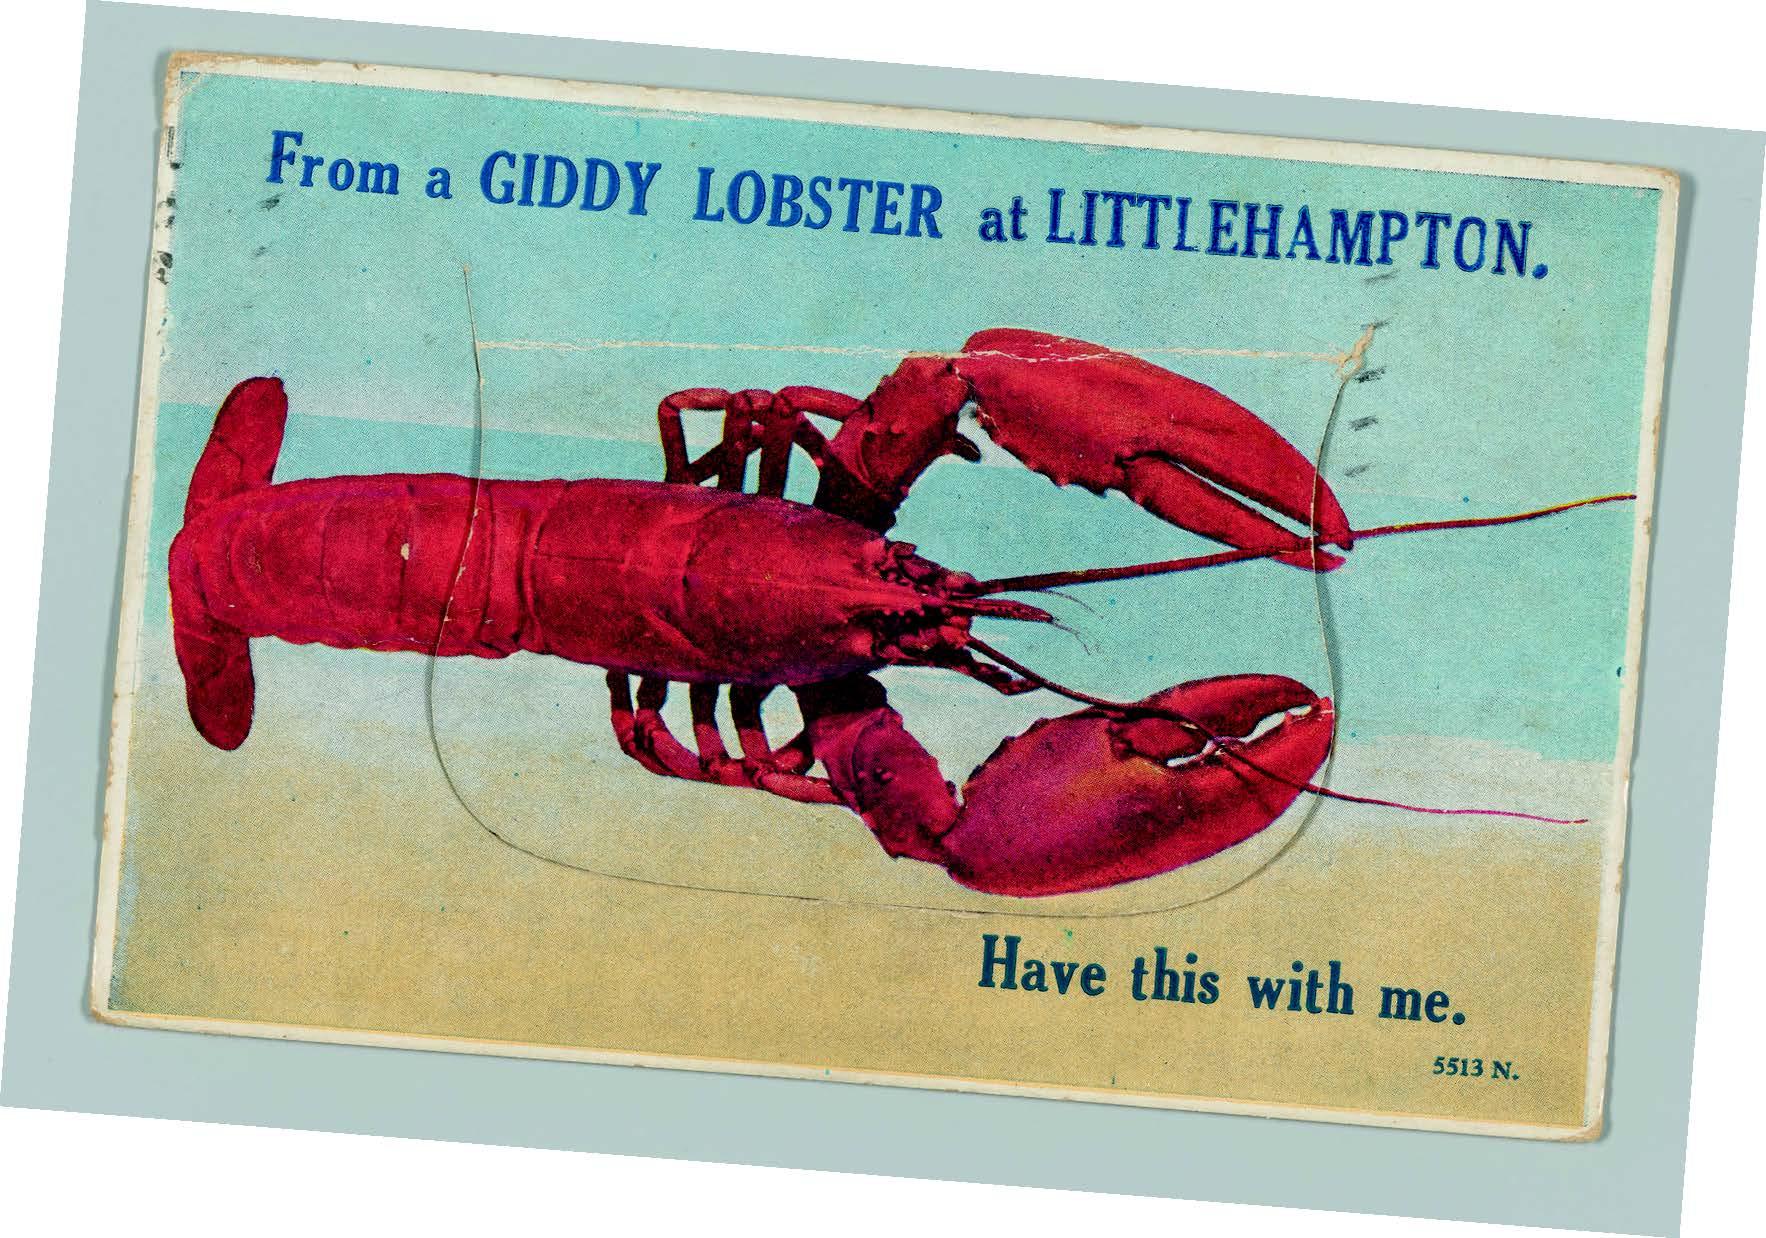 Lobster atLittlehamptonpostcard, 1928, © ThePostal Museum